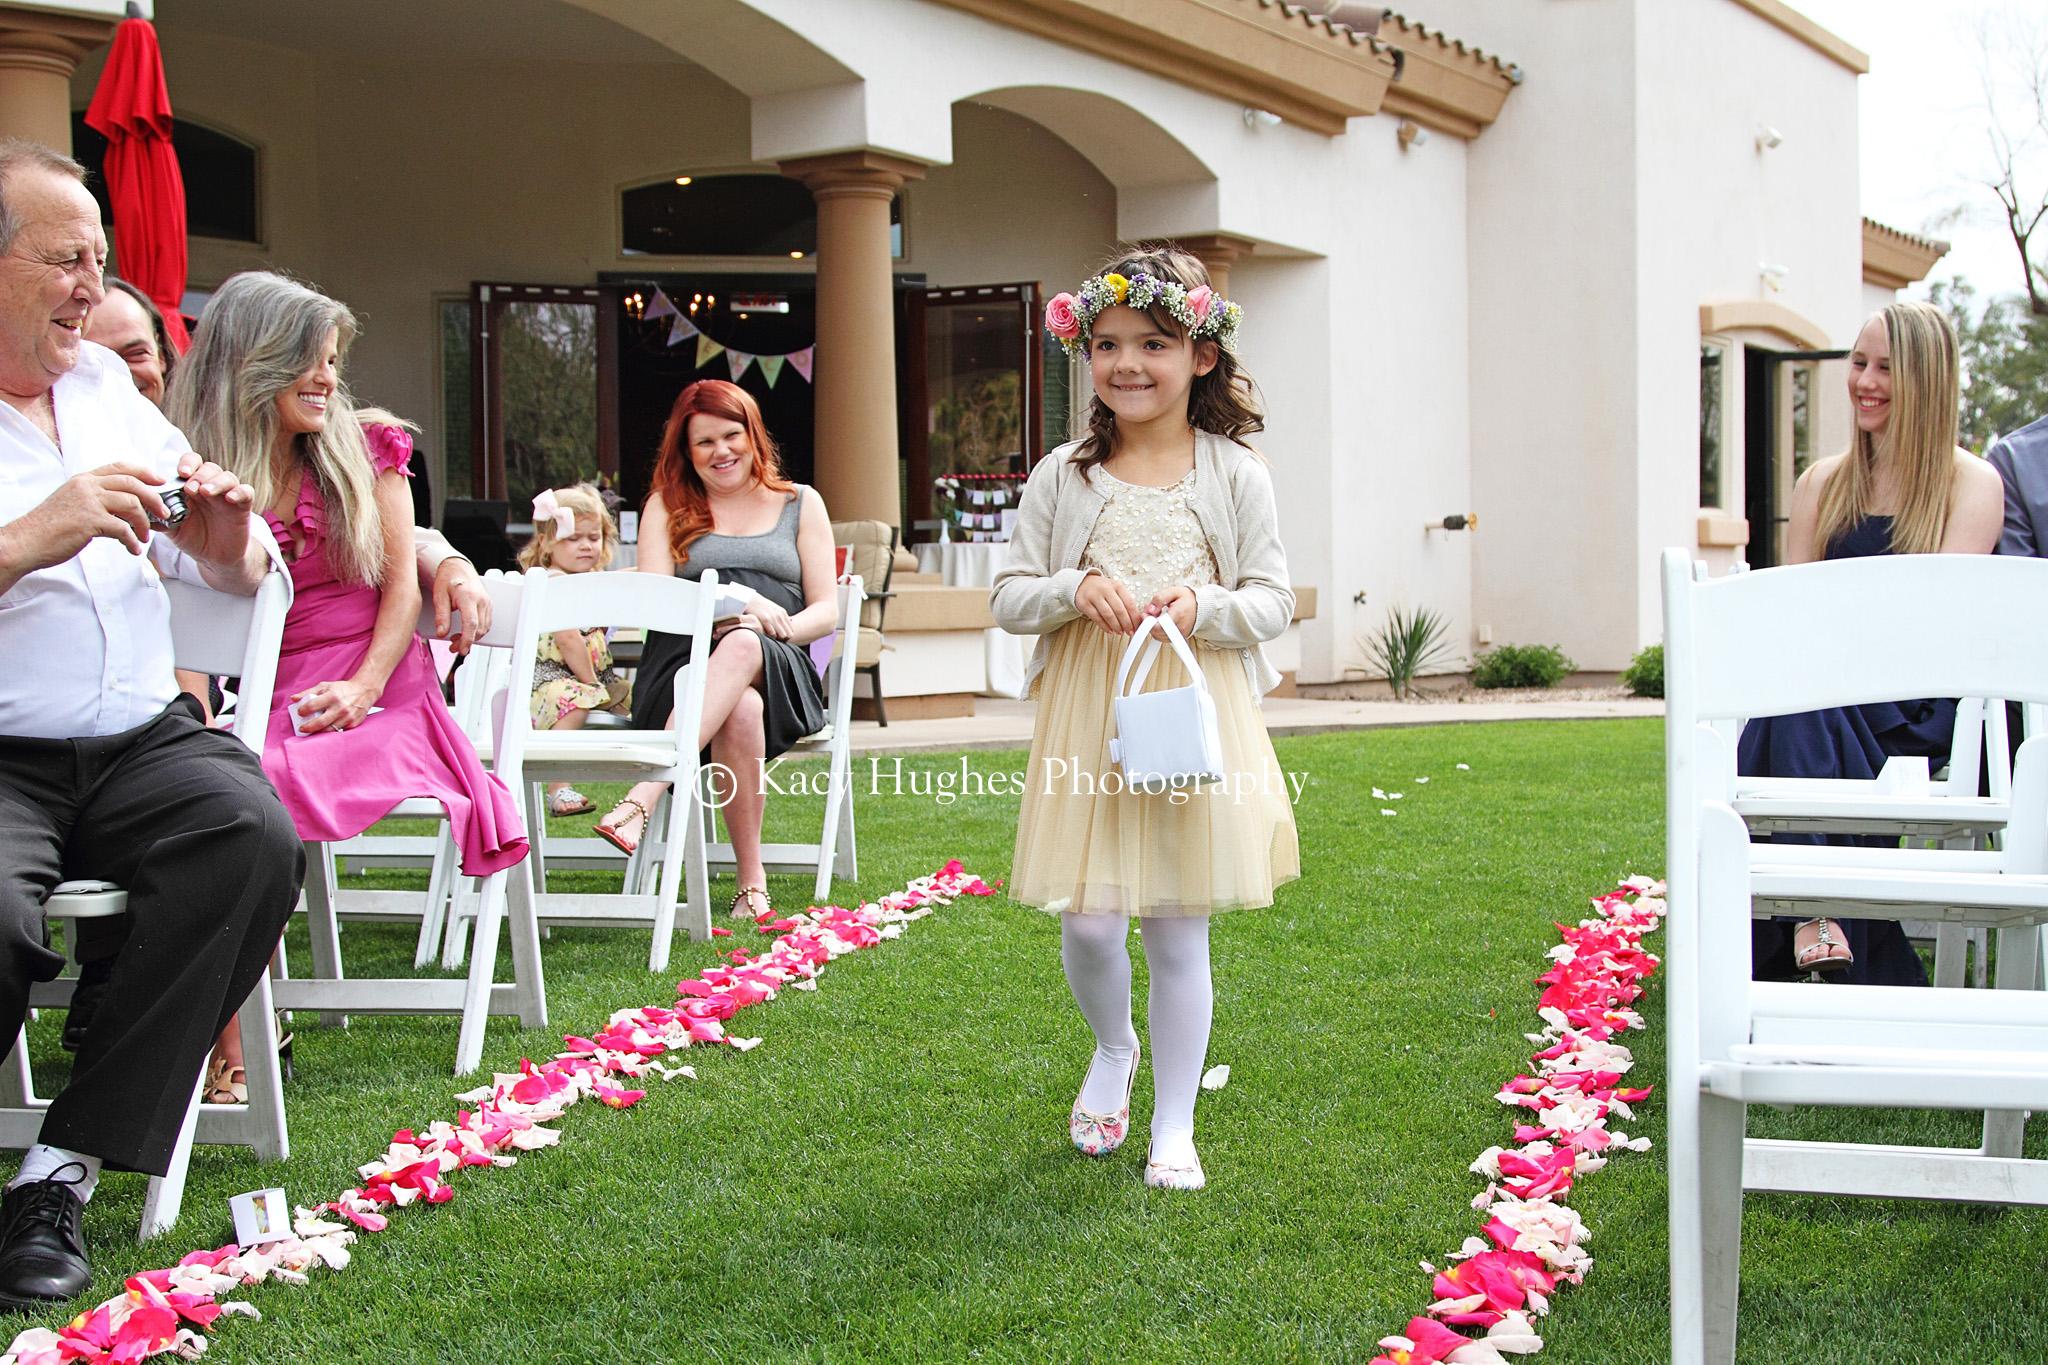 mw0189 - Scottsdale Wedding Photographers